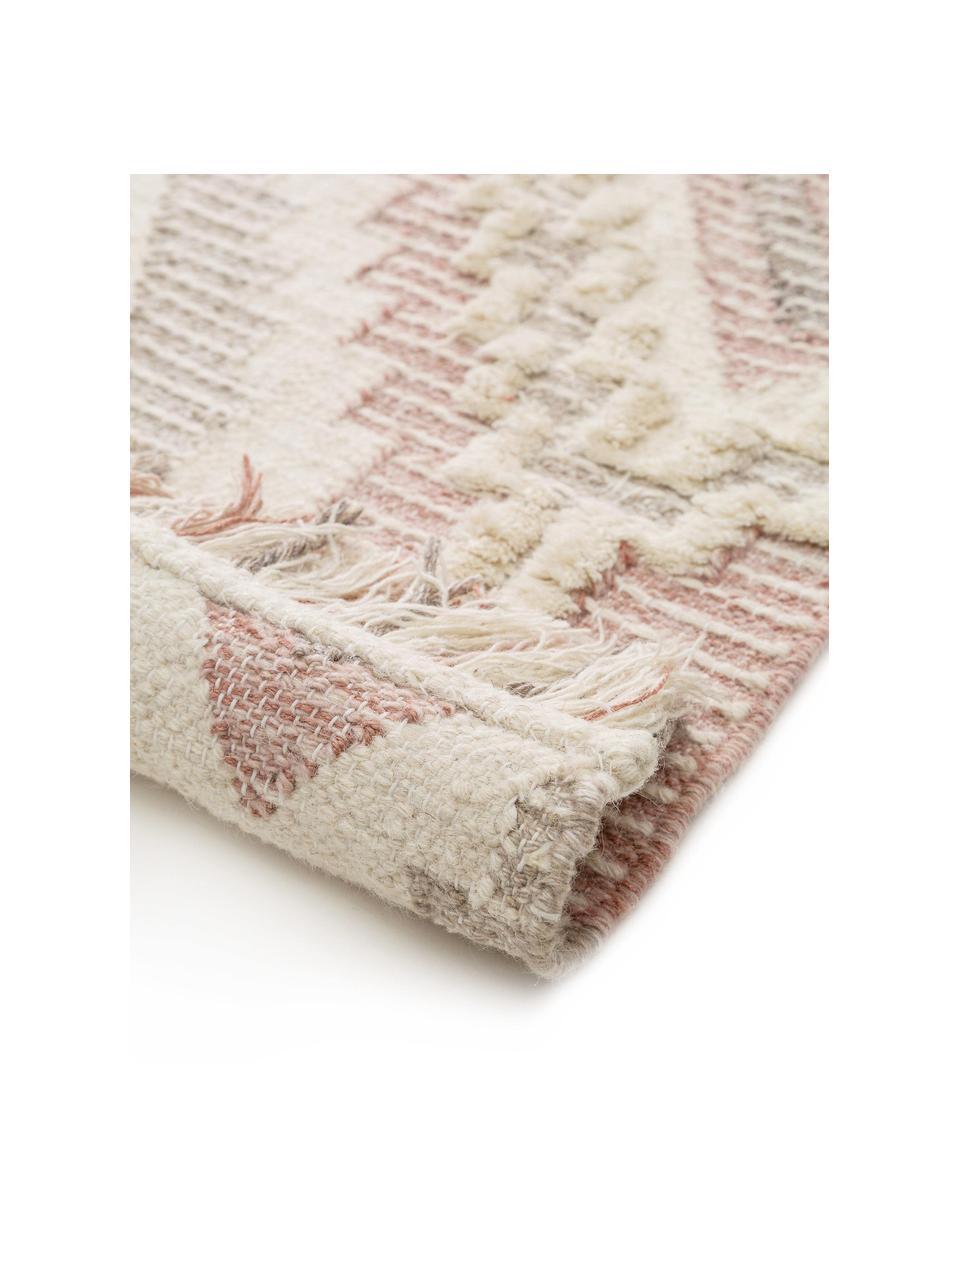 Dywan z wełny w stylu boho z frędzlami Wanda, 70% wełna, 30% poliester Włókna dywanów wełnianych mogą nieznacznie rozluźniać się w pierwszych tygodniach użytkowania, co ustępuje po pewnym czasie, Blady różowy, szary, kremowy, S 160 x D 230 cm (Rozmiar M)